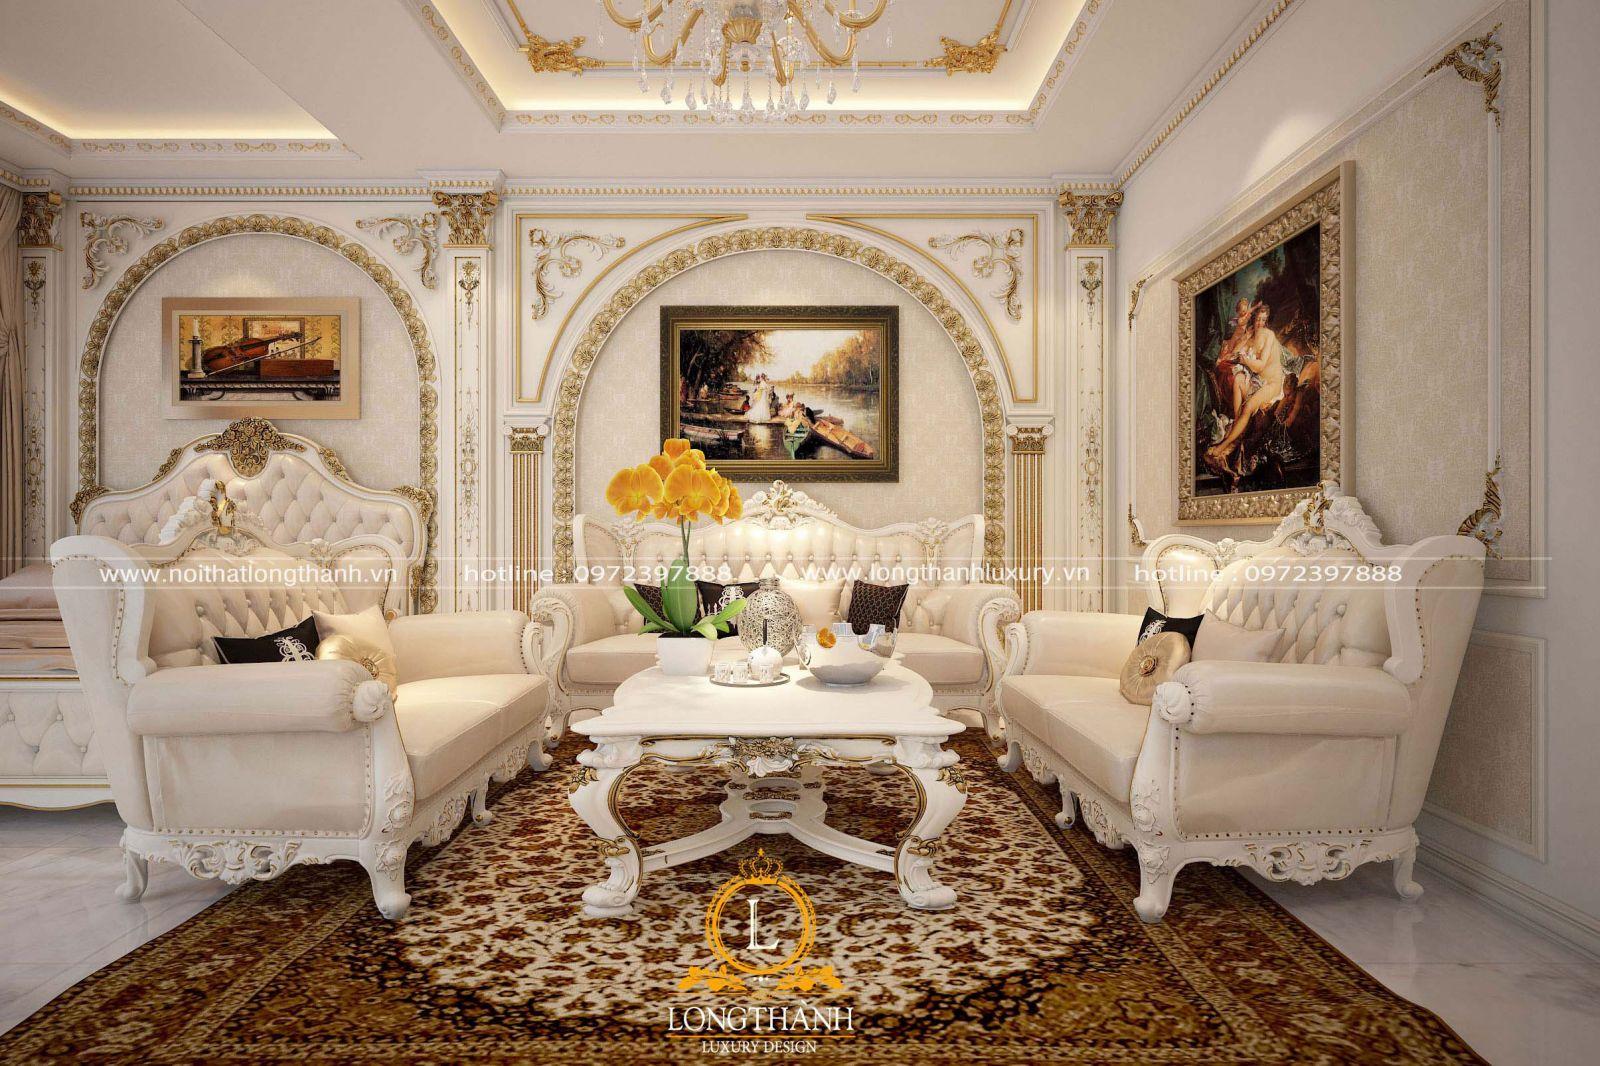 Thảm trải sàn - Mẫu trang trí không thể thiếu cho phòng khách tân cổ điển